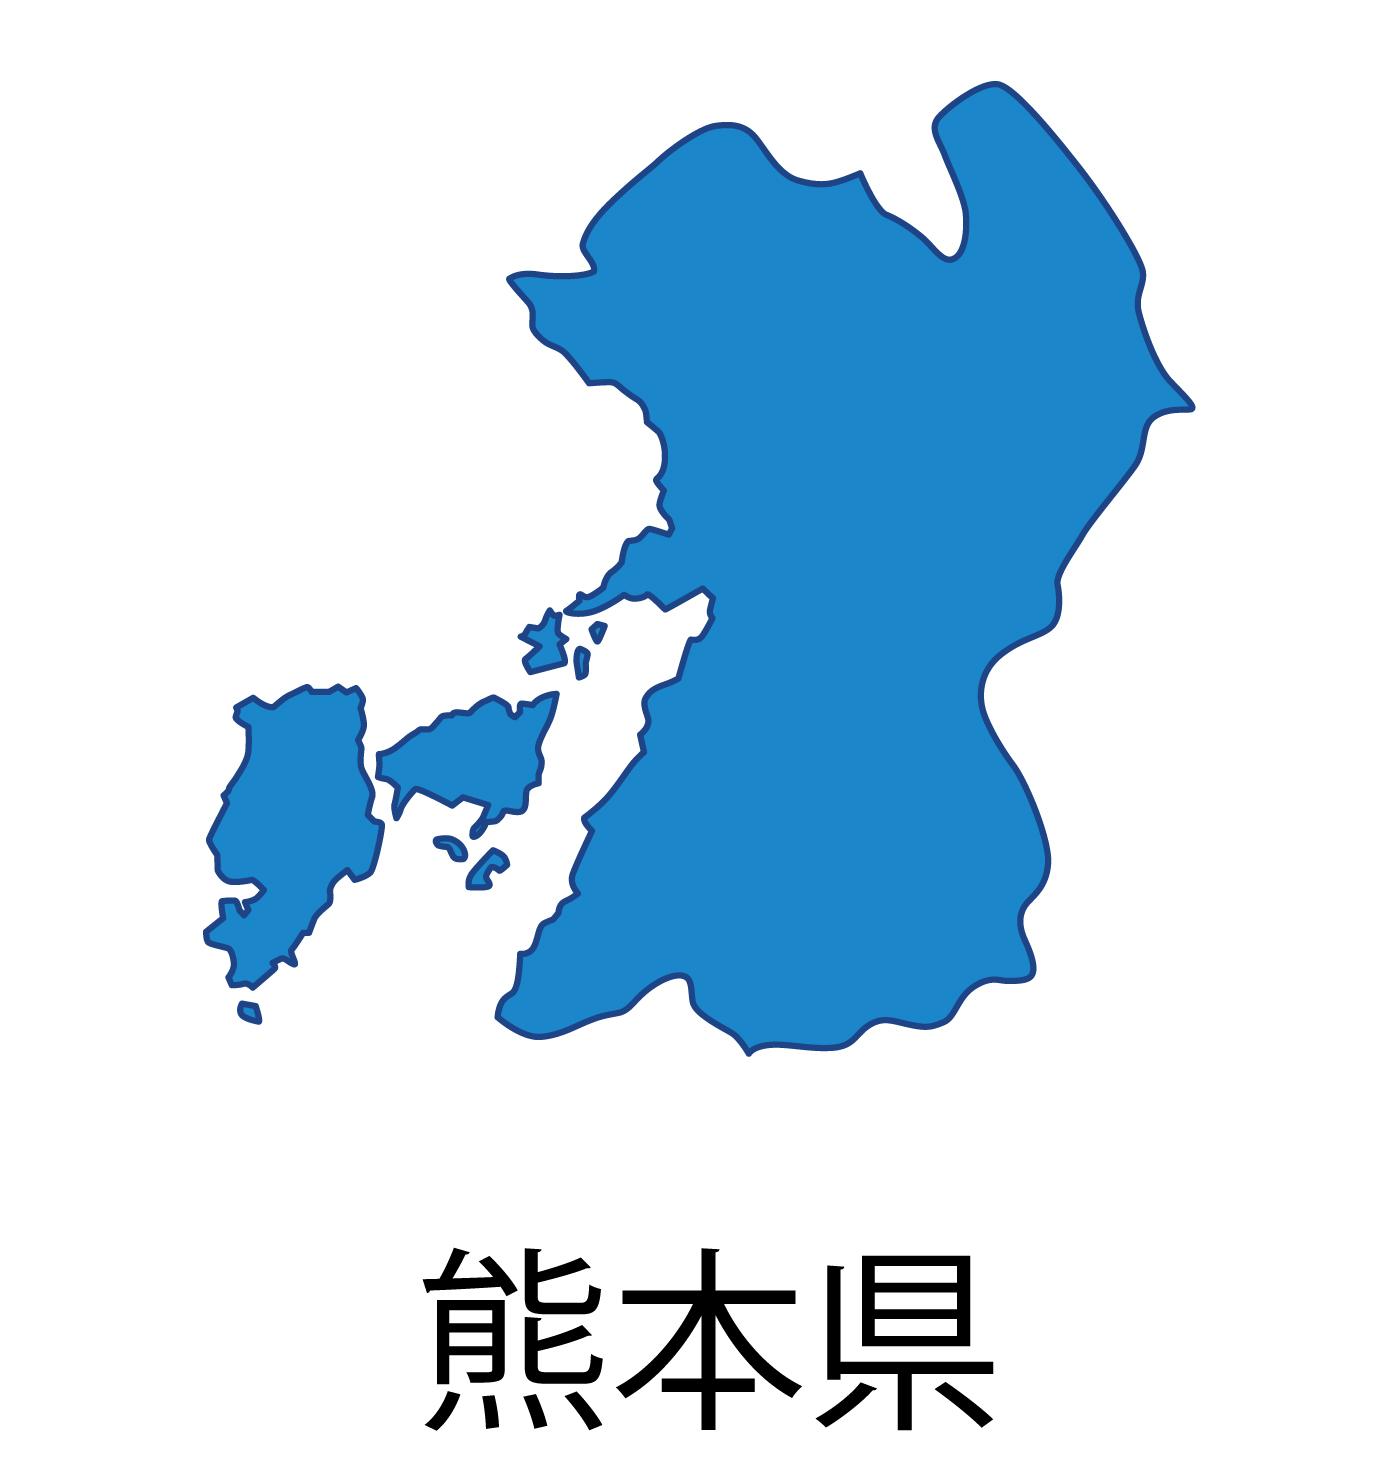 熊本県無料フリーイラスト|日本語・都道府県名あり(青)